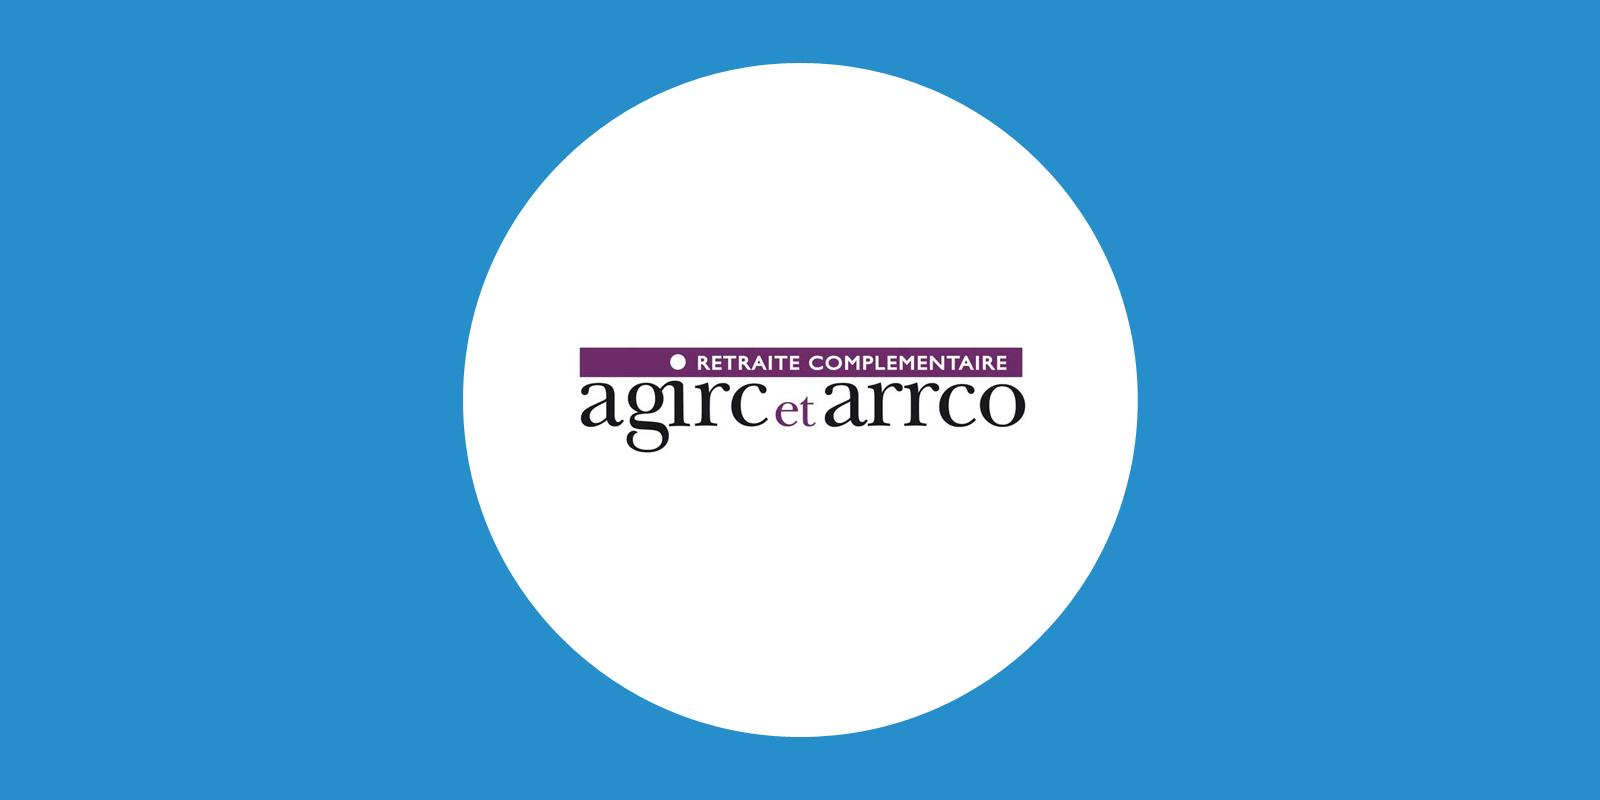 Formulaire De Demande De Retraite Complémentaire Agirc Arrco